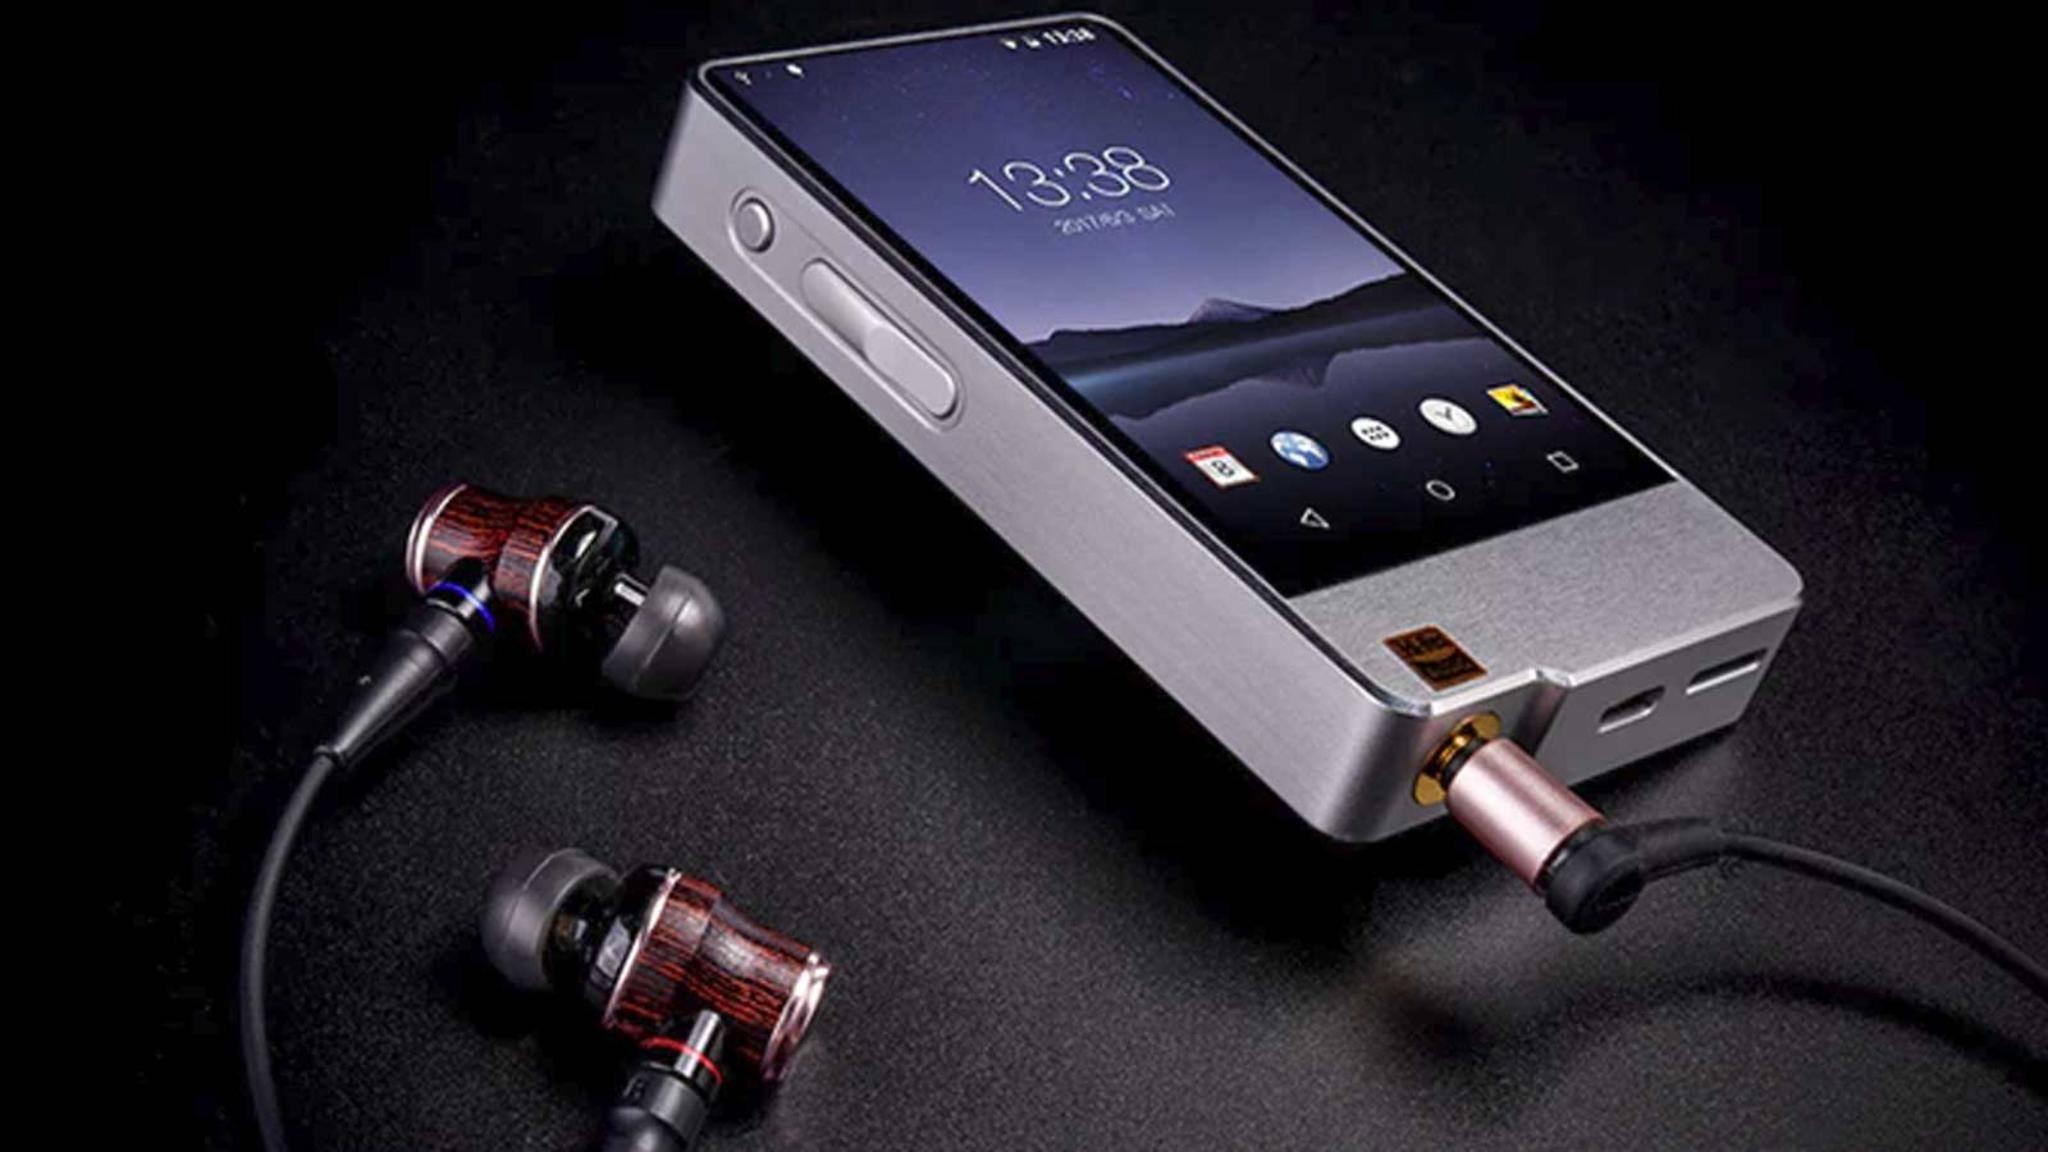 HIDIZS AP200 MP3-Player